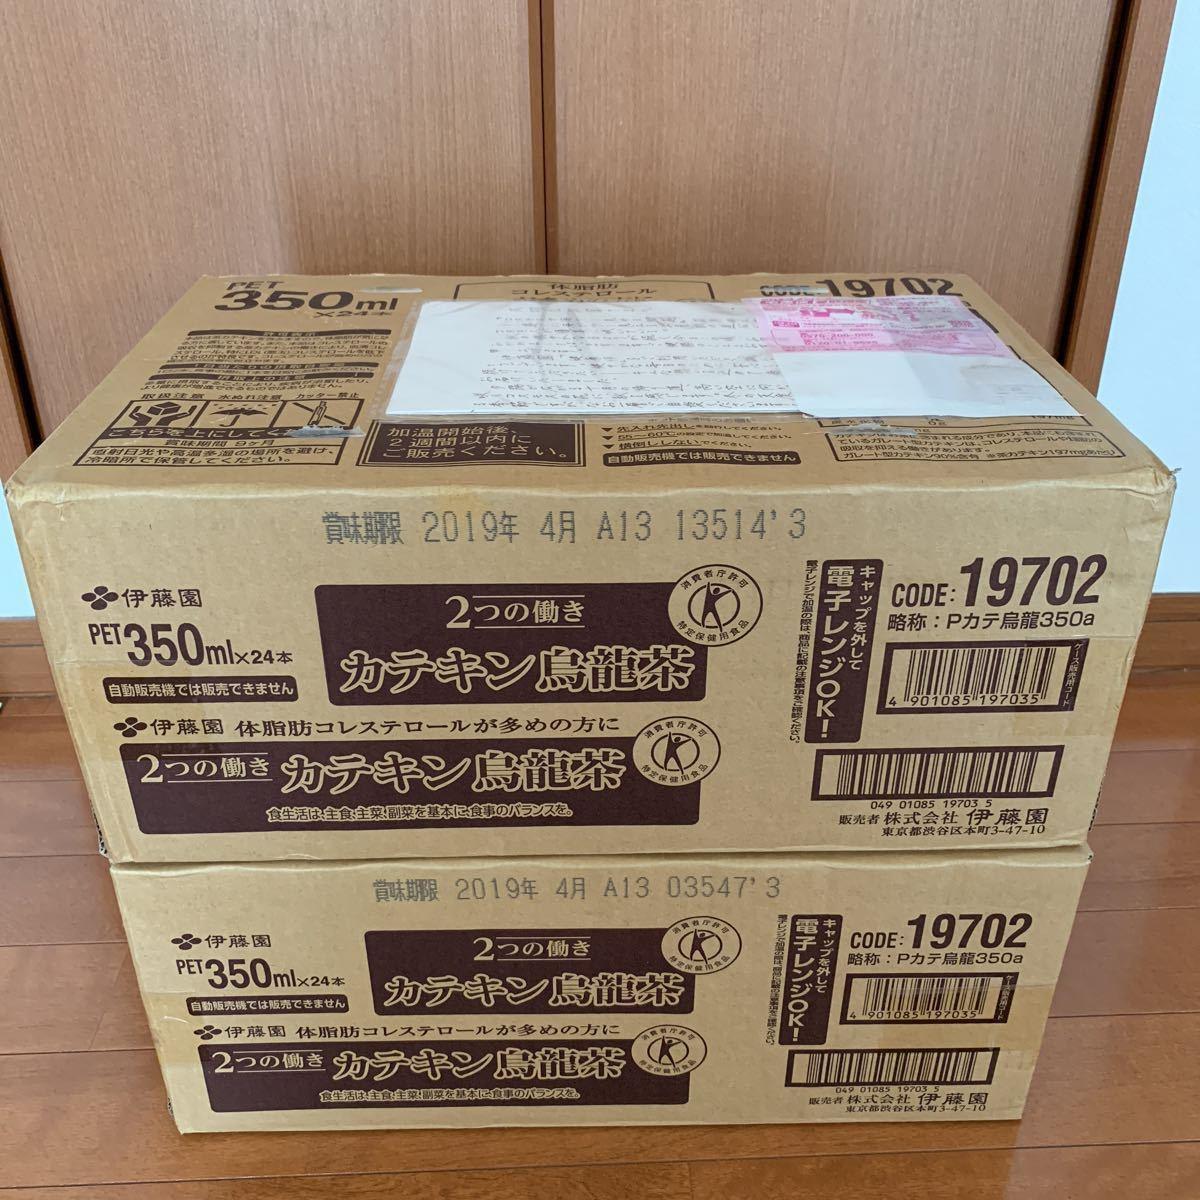 ★☆伊藤園 トクホ飲料 2つの働きカテキン烏龍茶 350ml × 24本☆★訳あり 期限近し